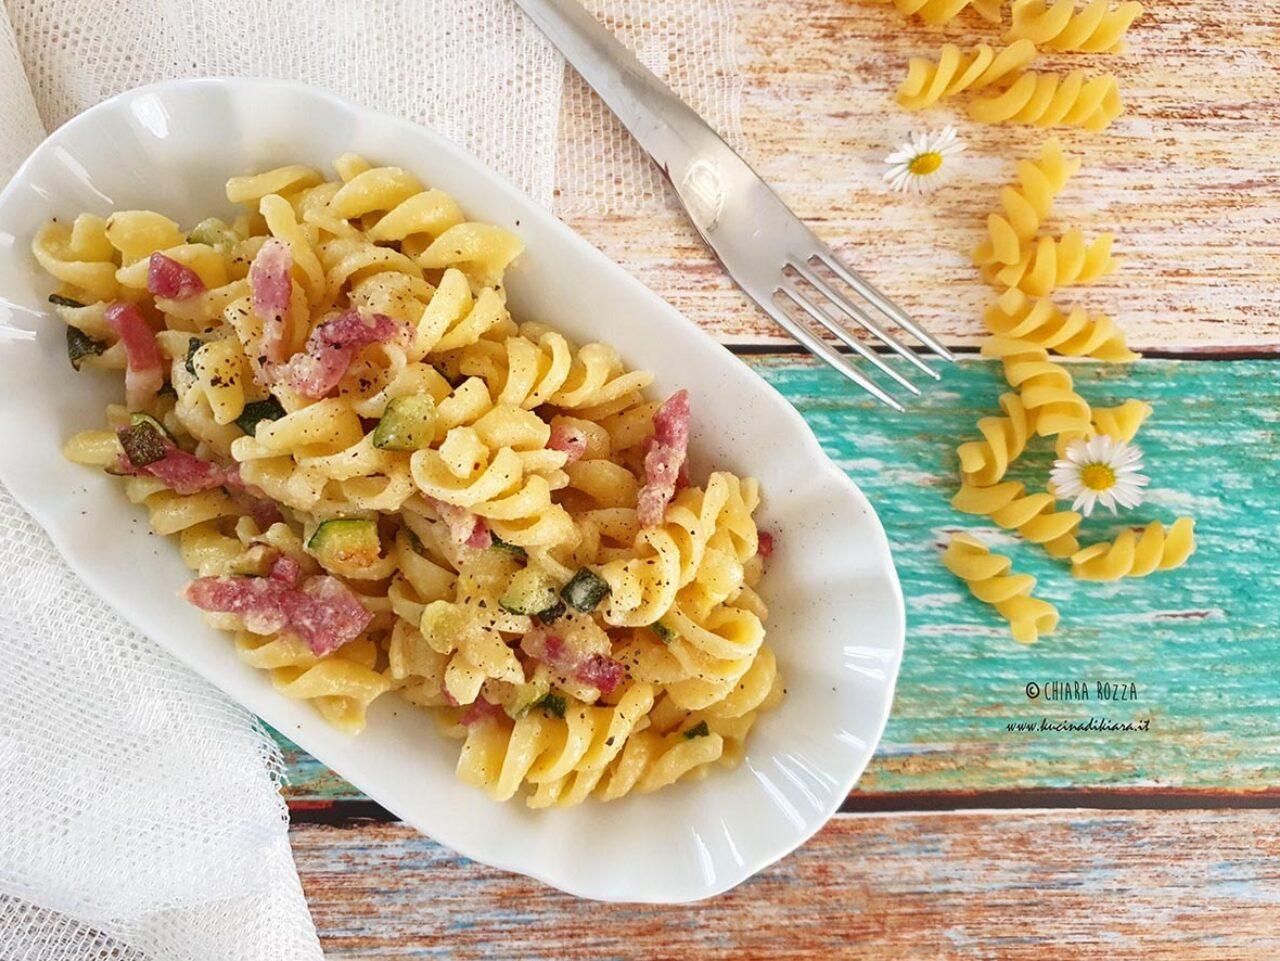 Fusilli Pasta Armando con zucchine, pancetta affumicata e pesto di mandorle